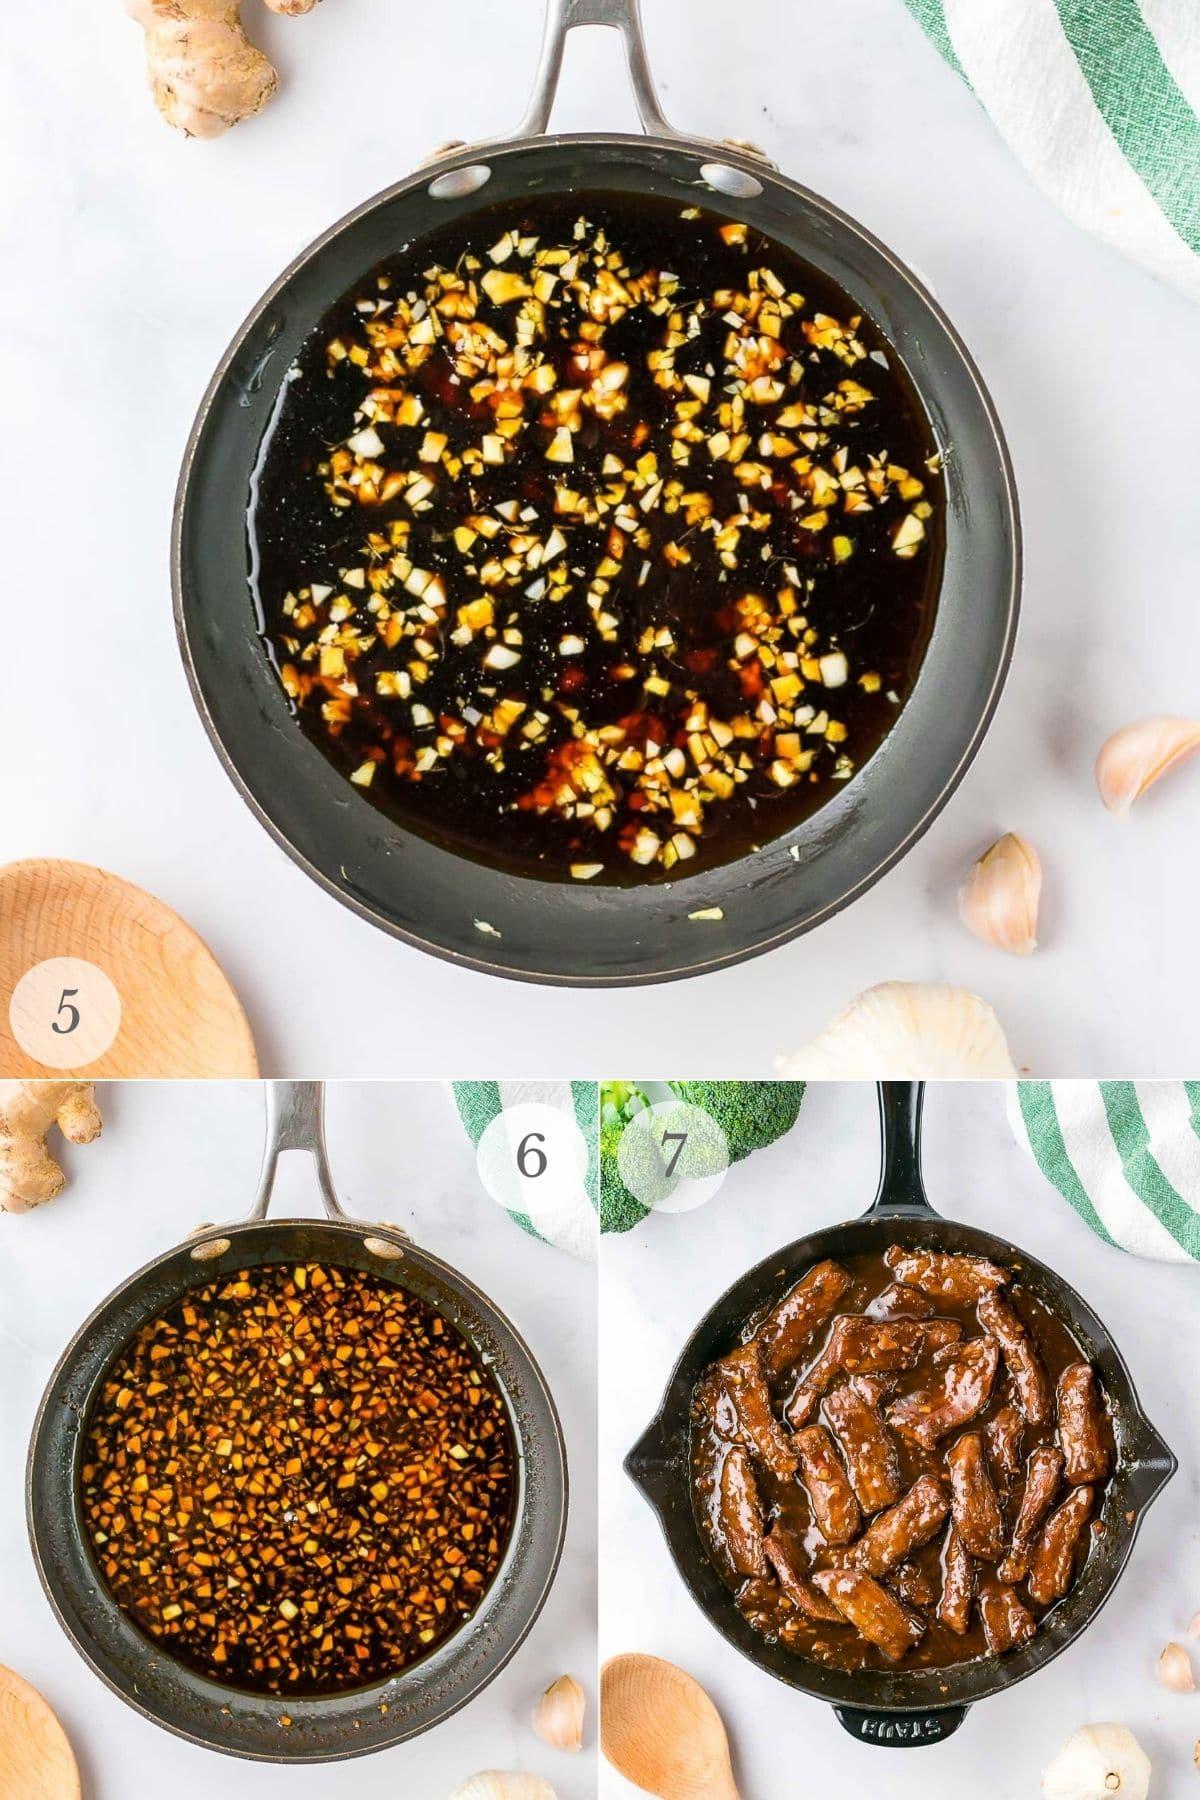 mongolian beef recipe steps 5-8